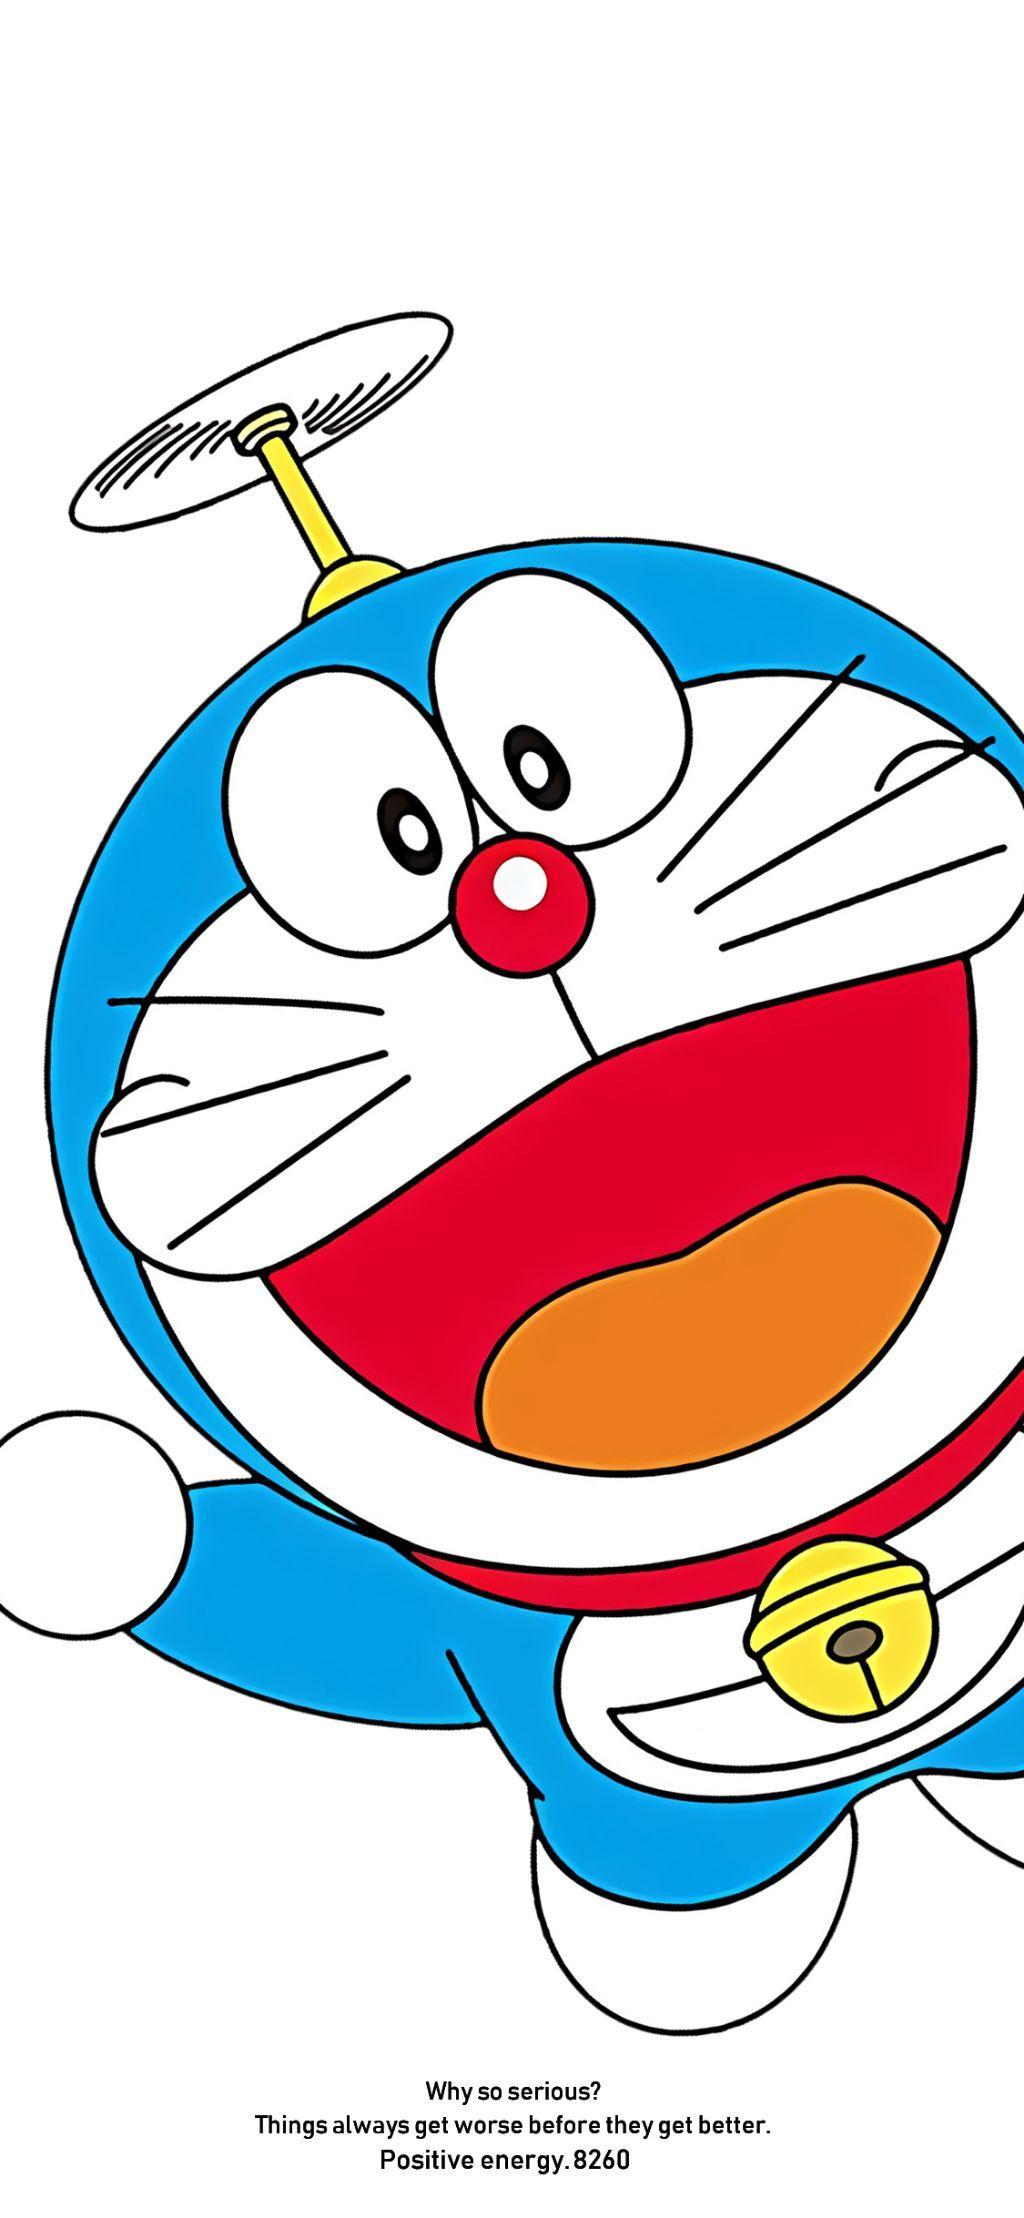 手机壁纸:蓝胖子、多啦A梦、叮当猫手机壁纸,赶紧换上。插图19